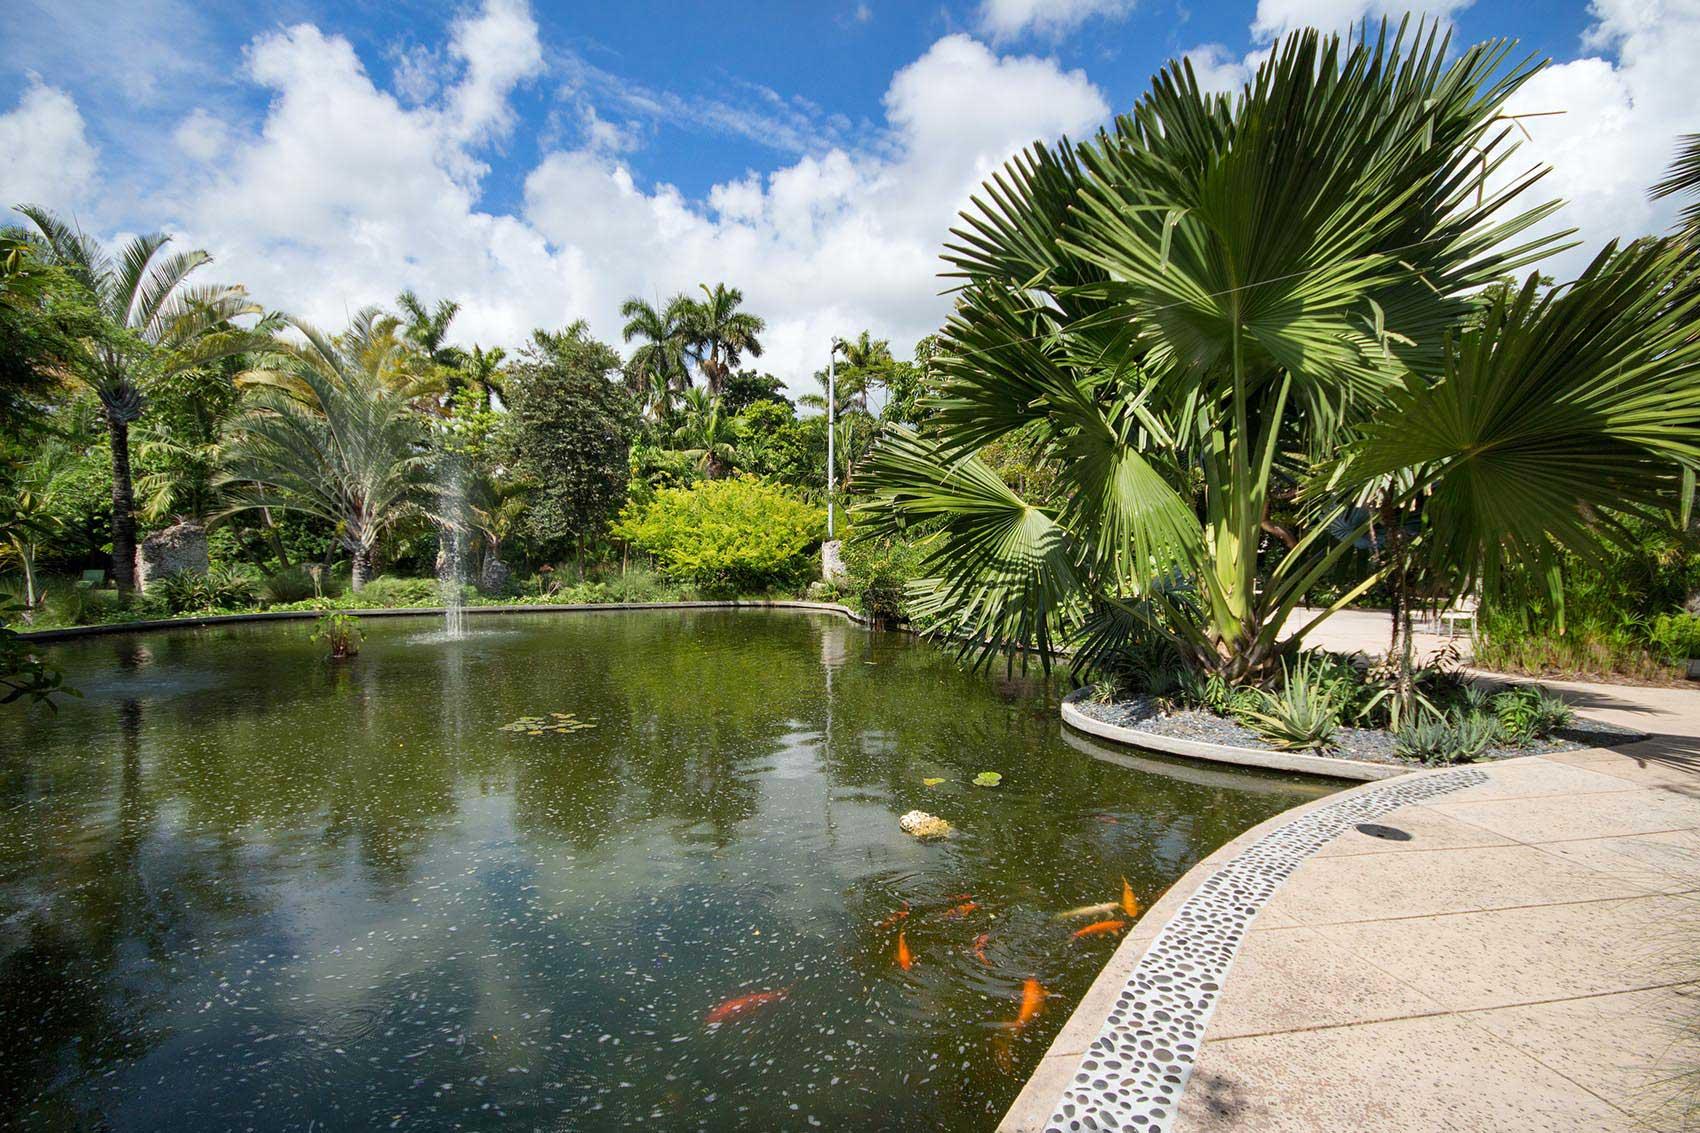 Miami beach botanical garden enjoy miami beach - Manhattan beach botanical garden ...